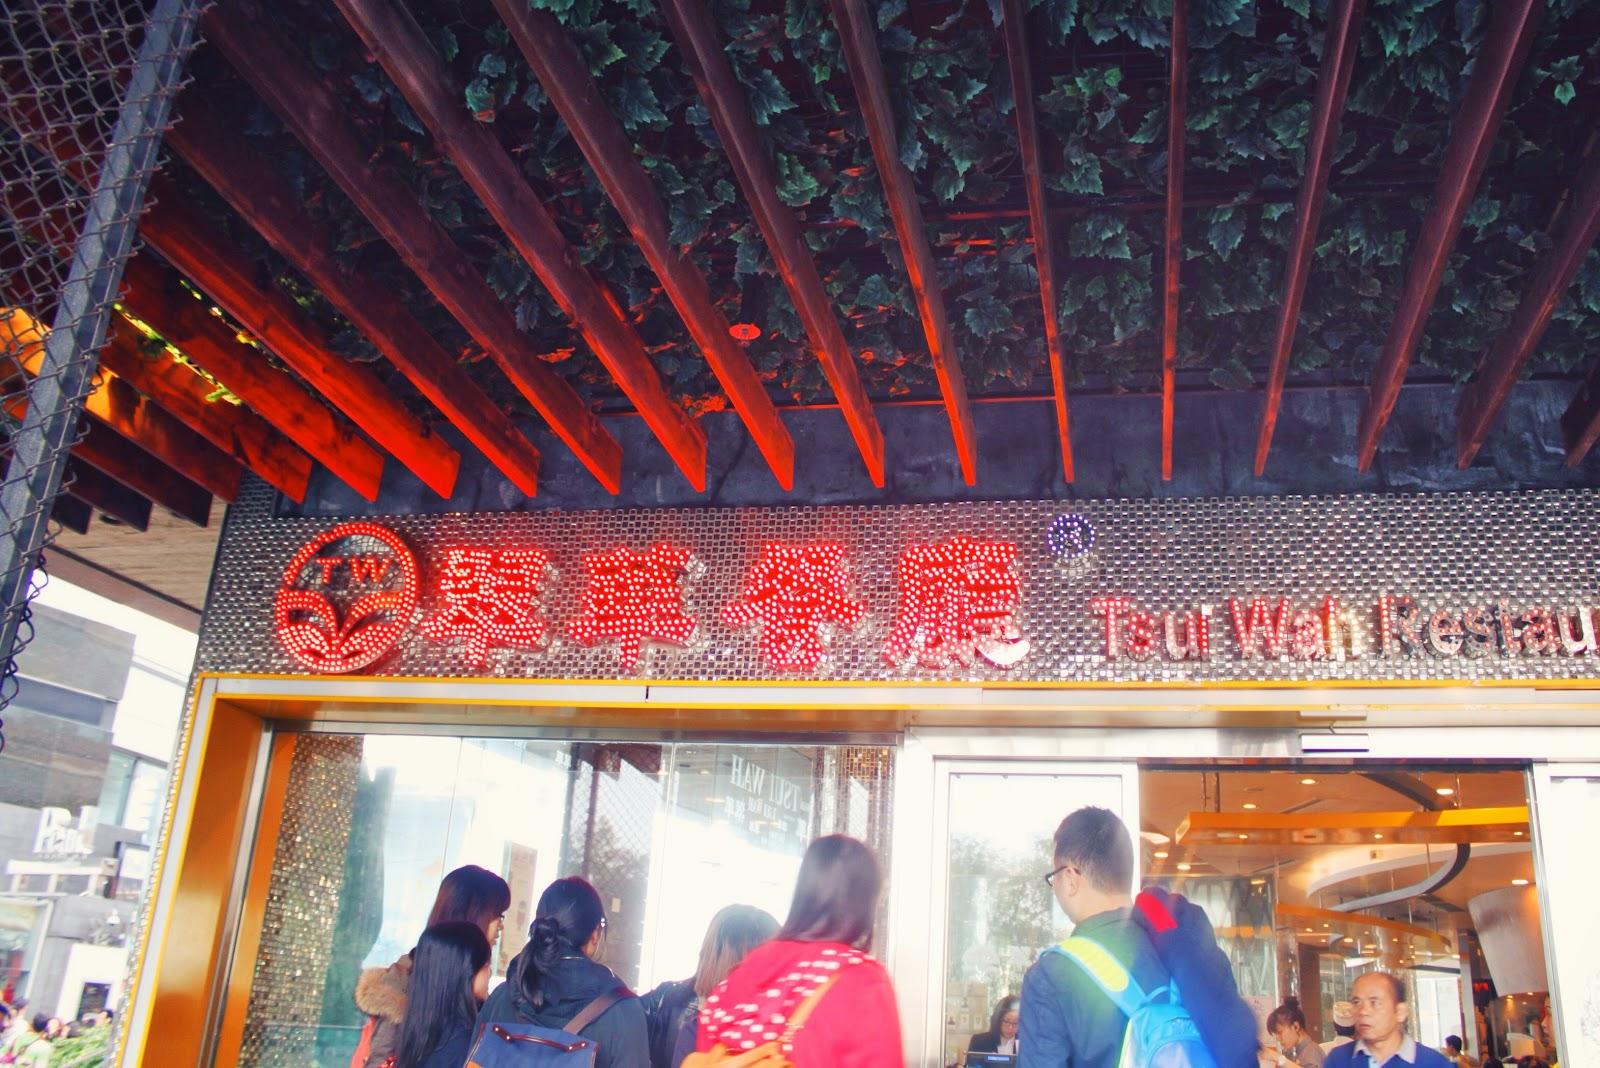 翠華餐廳 Tsui Wah Restaurant @ 香港山頂 The Peak, Hong Kong